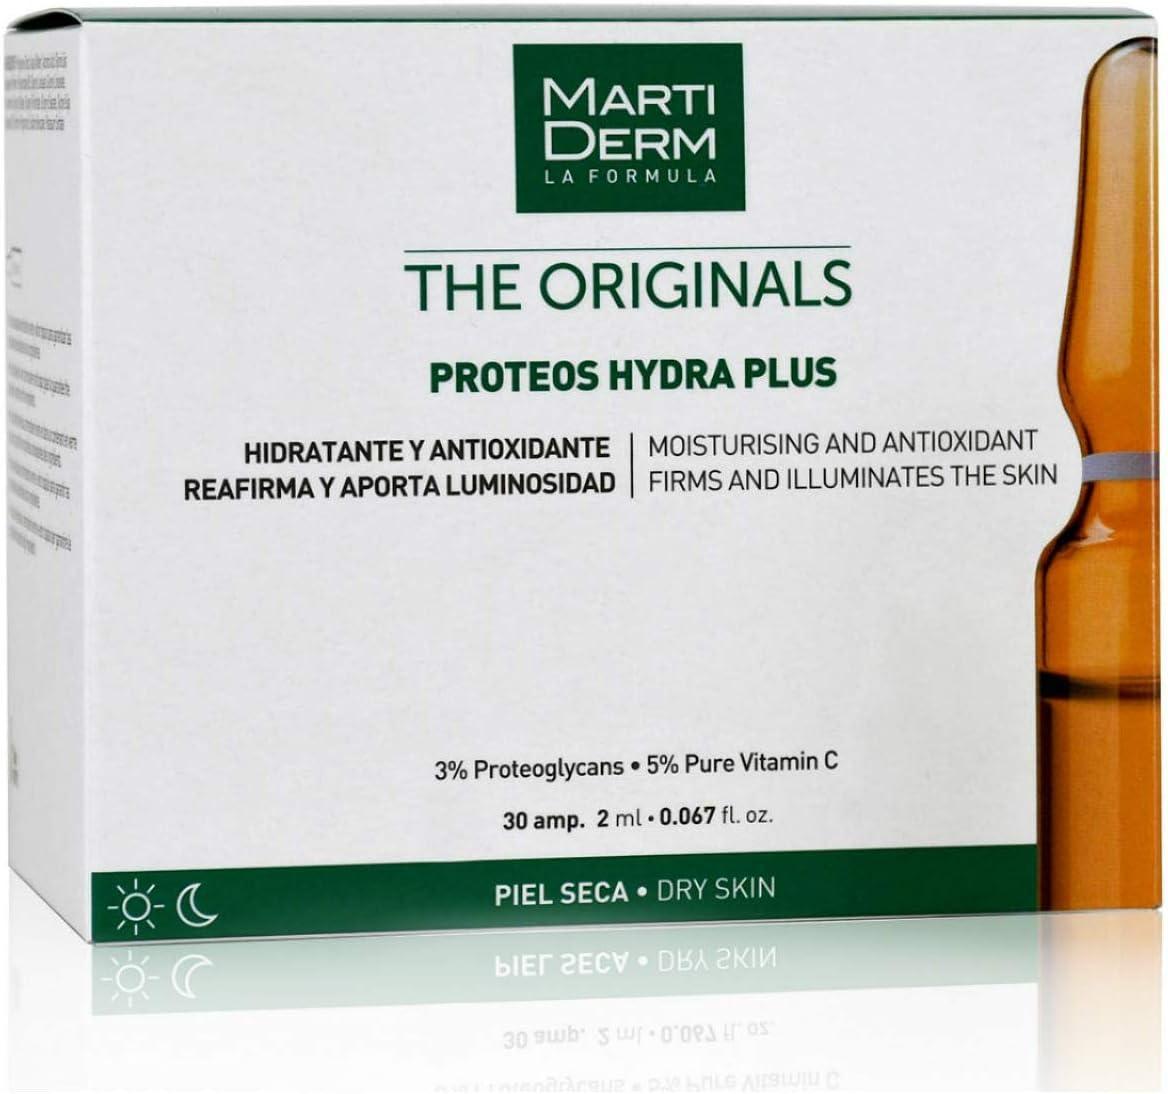 Martiderm Ampollas Proteoglicanos 30 Unidades | Ampollas Martiderm de Vitamina C facial y Proteoglicanos